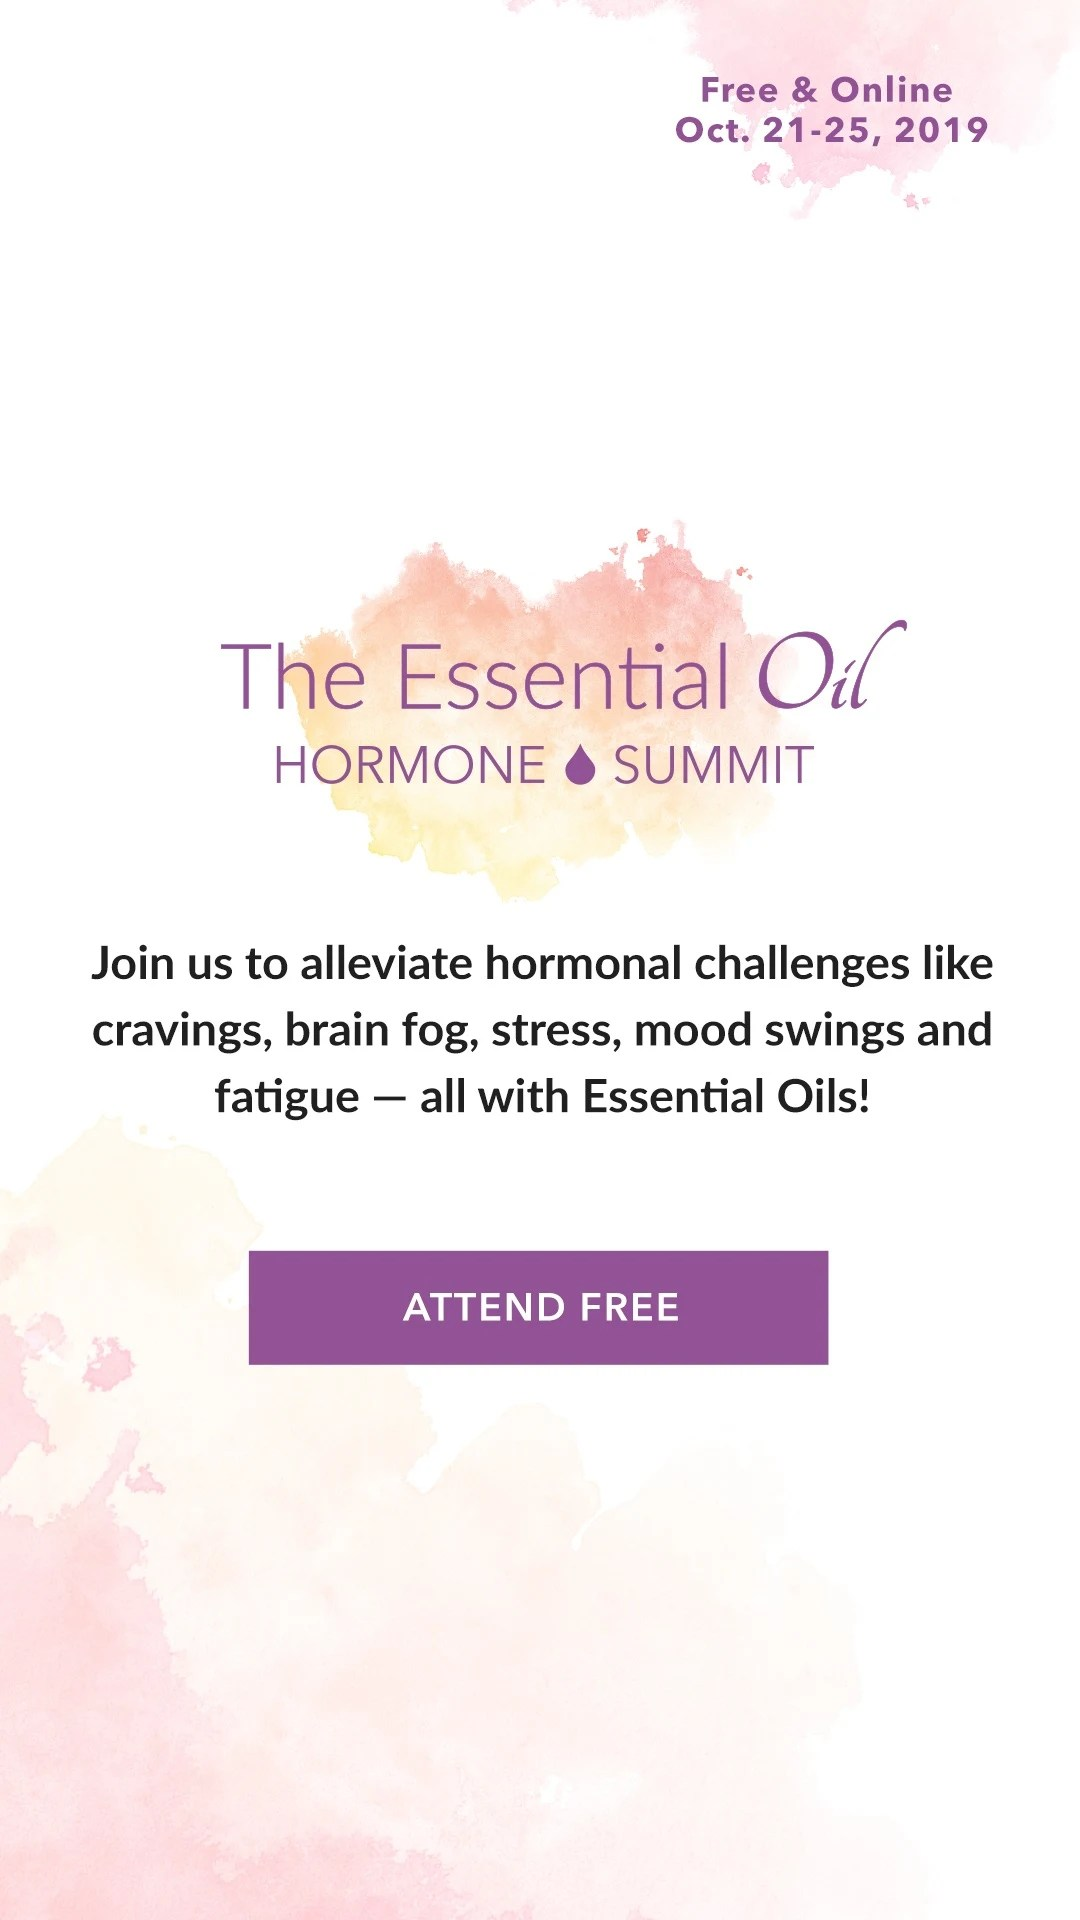 The Essential Oil Hormone Summit